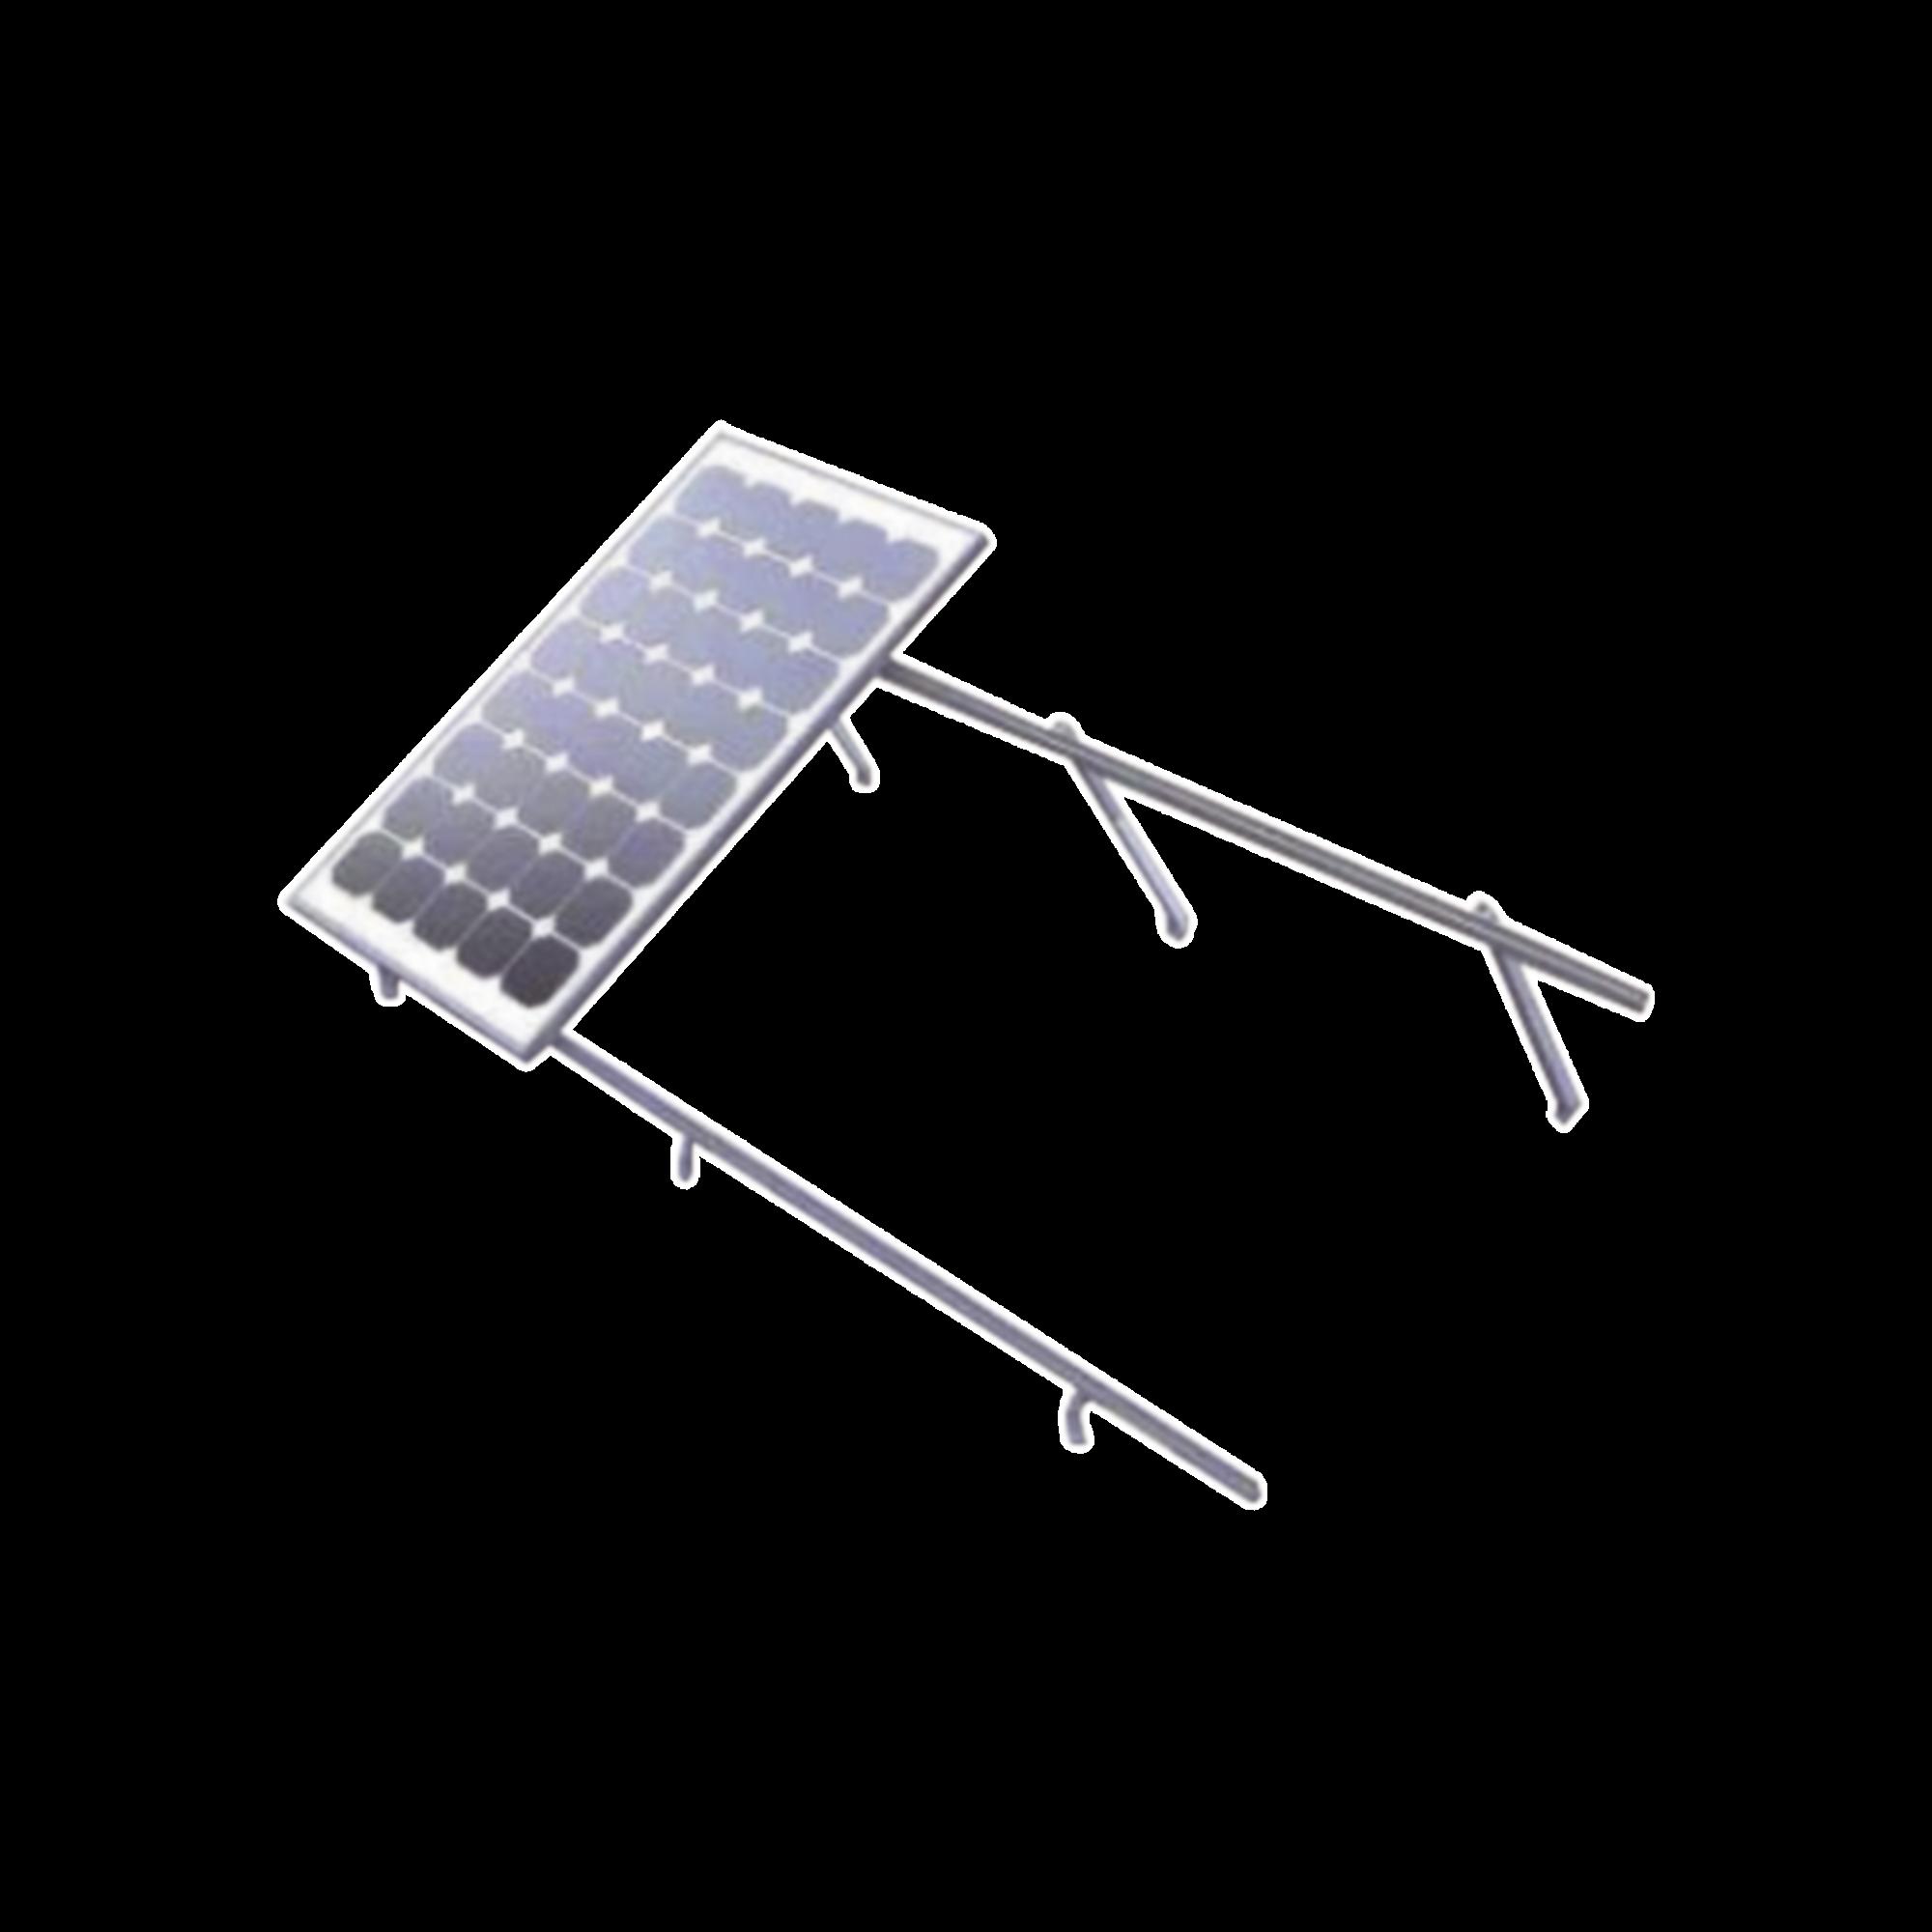 Montaje de aluminio para techo o piso de concreto,  de alta resistencia y rápida instalación,  arreglo 1x4 módulos fotovoltáicos de 40mm de espesor